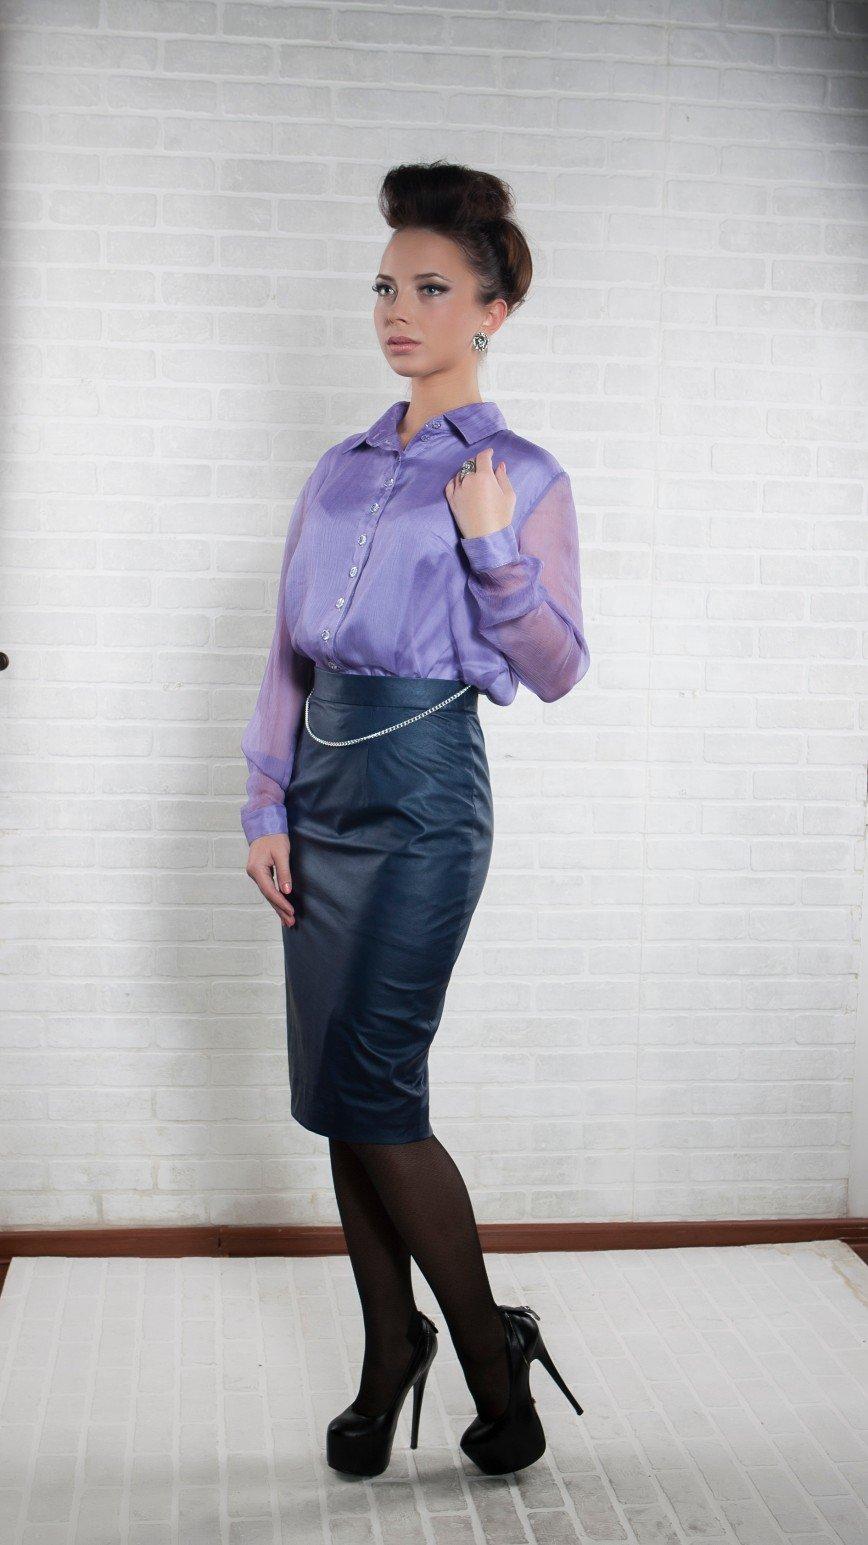 """Автор: sashunichka, Фотозал: Я - самая красивая, Оригинальная шёлковая блузка """"Сирень"""" -торжественная, стильная и в то же время очень милая. Отлично сочетается с классическими юбкой или брюками, а так же юбкой из эко кожи, как на фото. В таком наряде Вы всегда будете на высоте! Цена 3350 р. тел. 84955324204"""